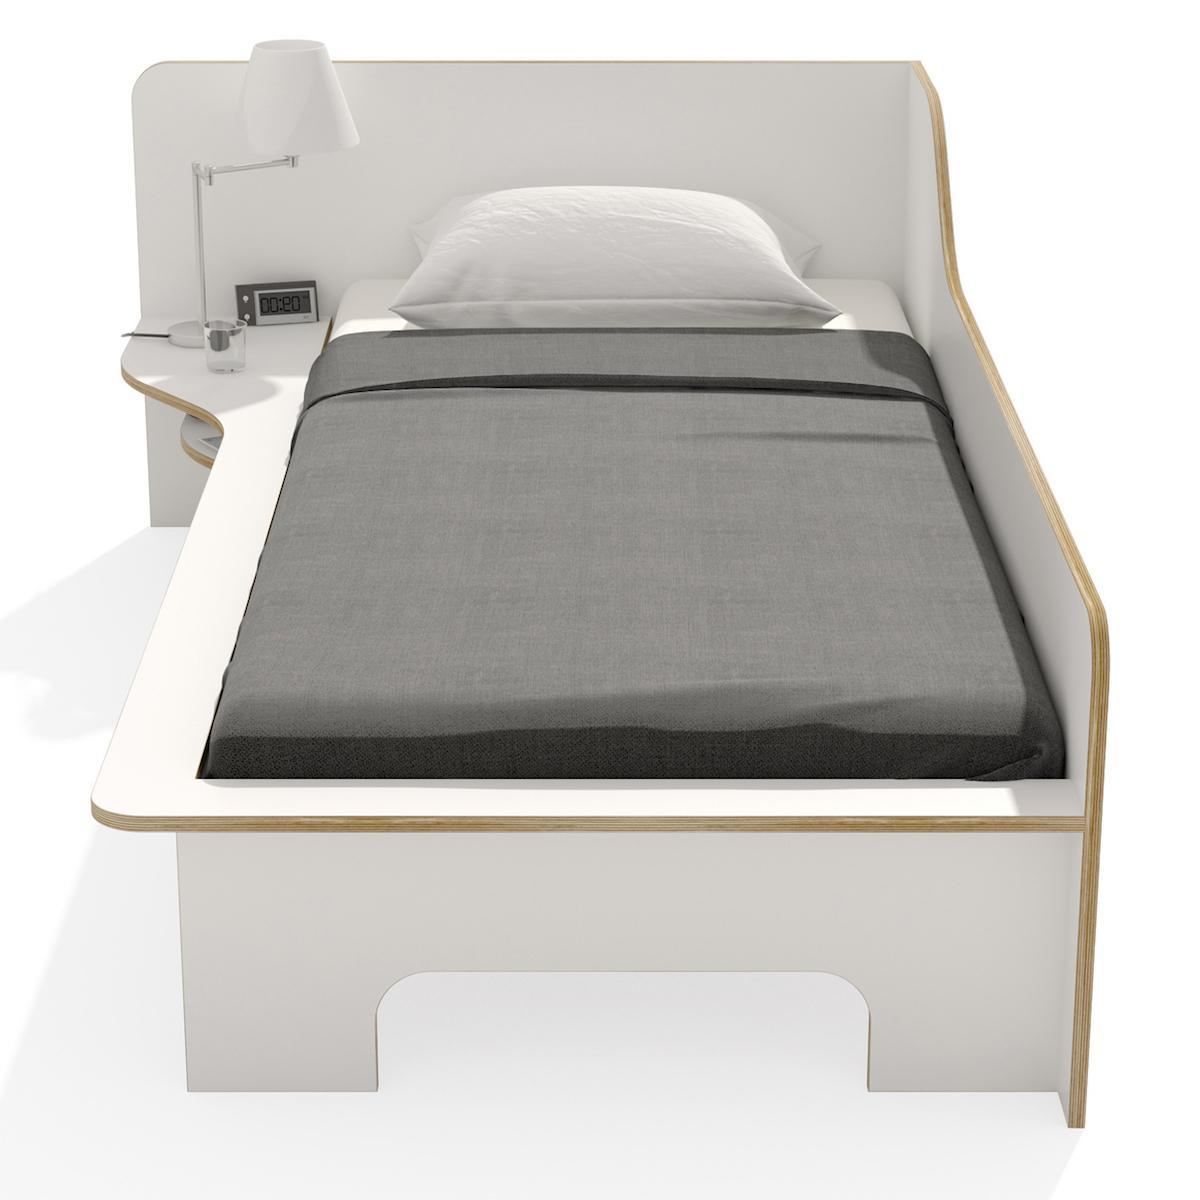 Einzelbett 90x200cm linke Ausführung PLANE Mueller weiß-Birkenkante